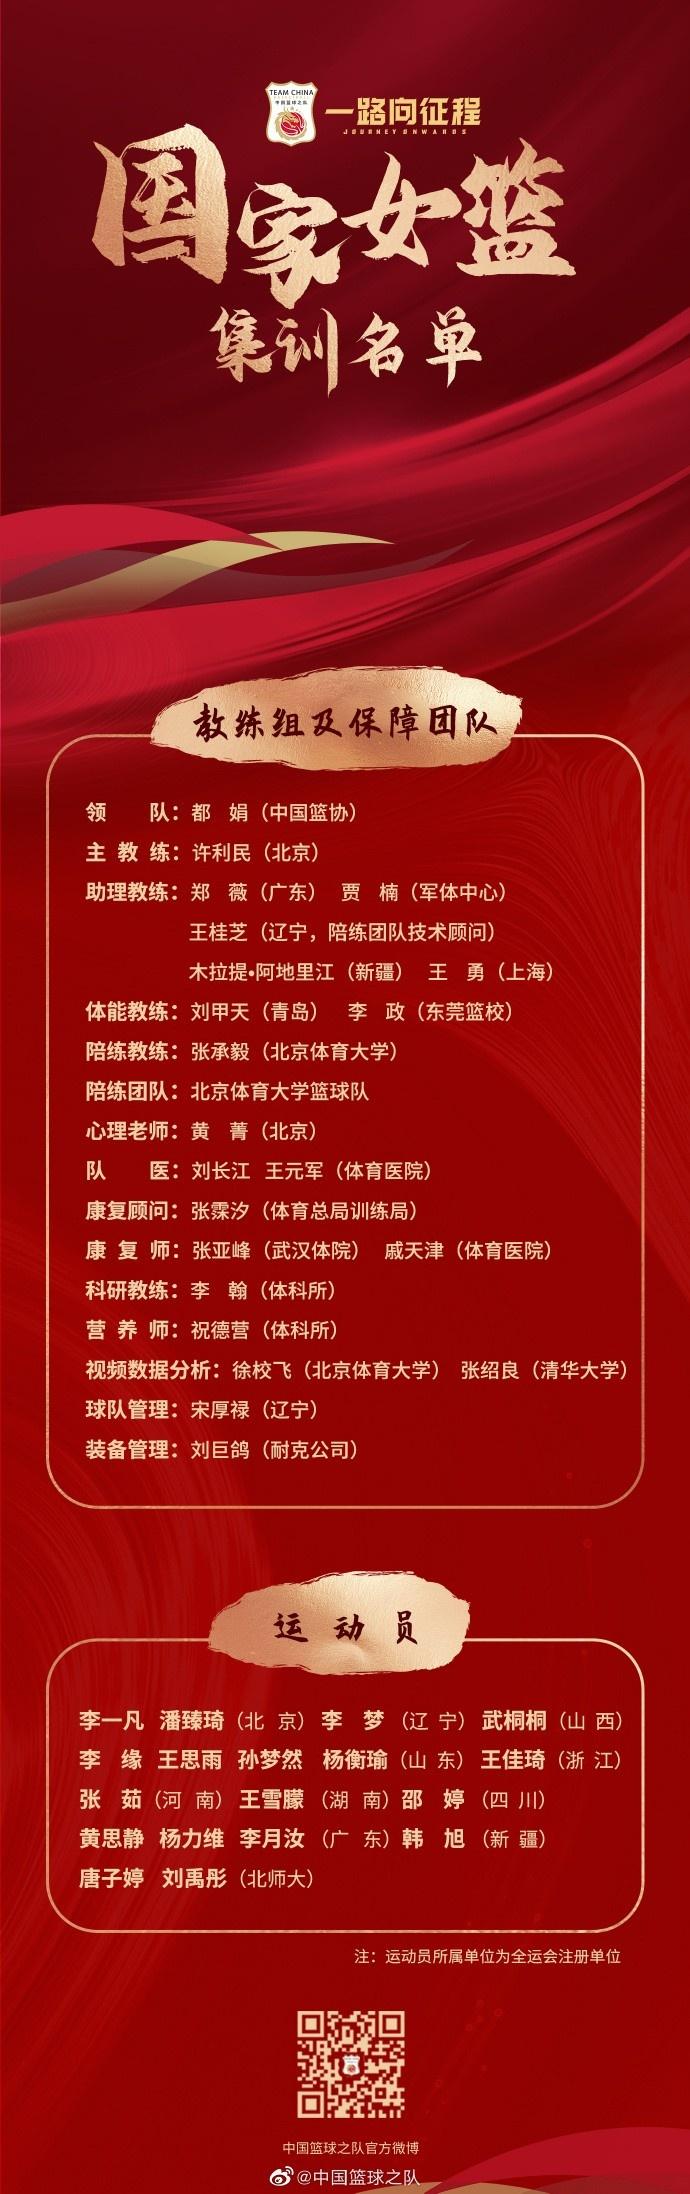 篮协官方公布女篮奥运集训名单 李月汝、韩旭、李梦、邵婷在列